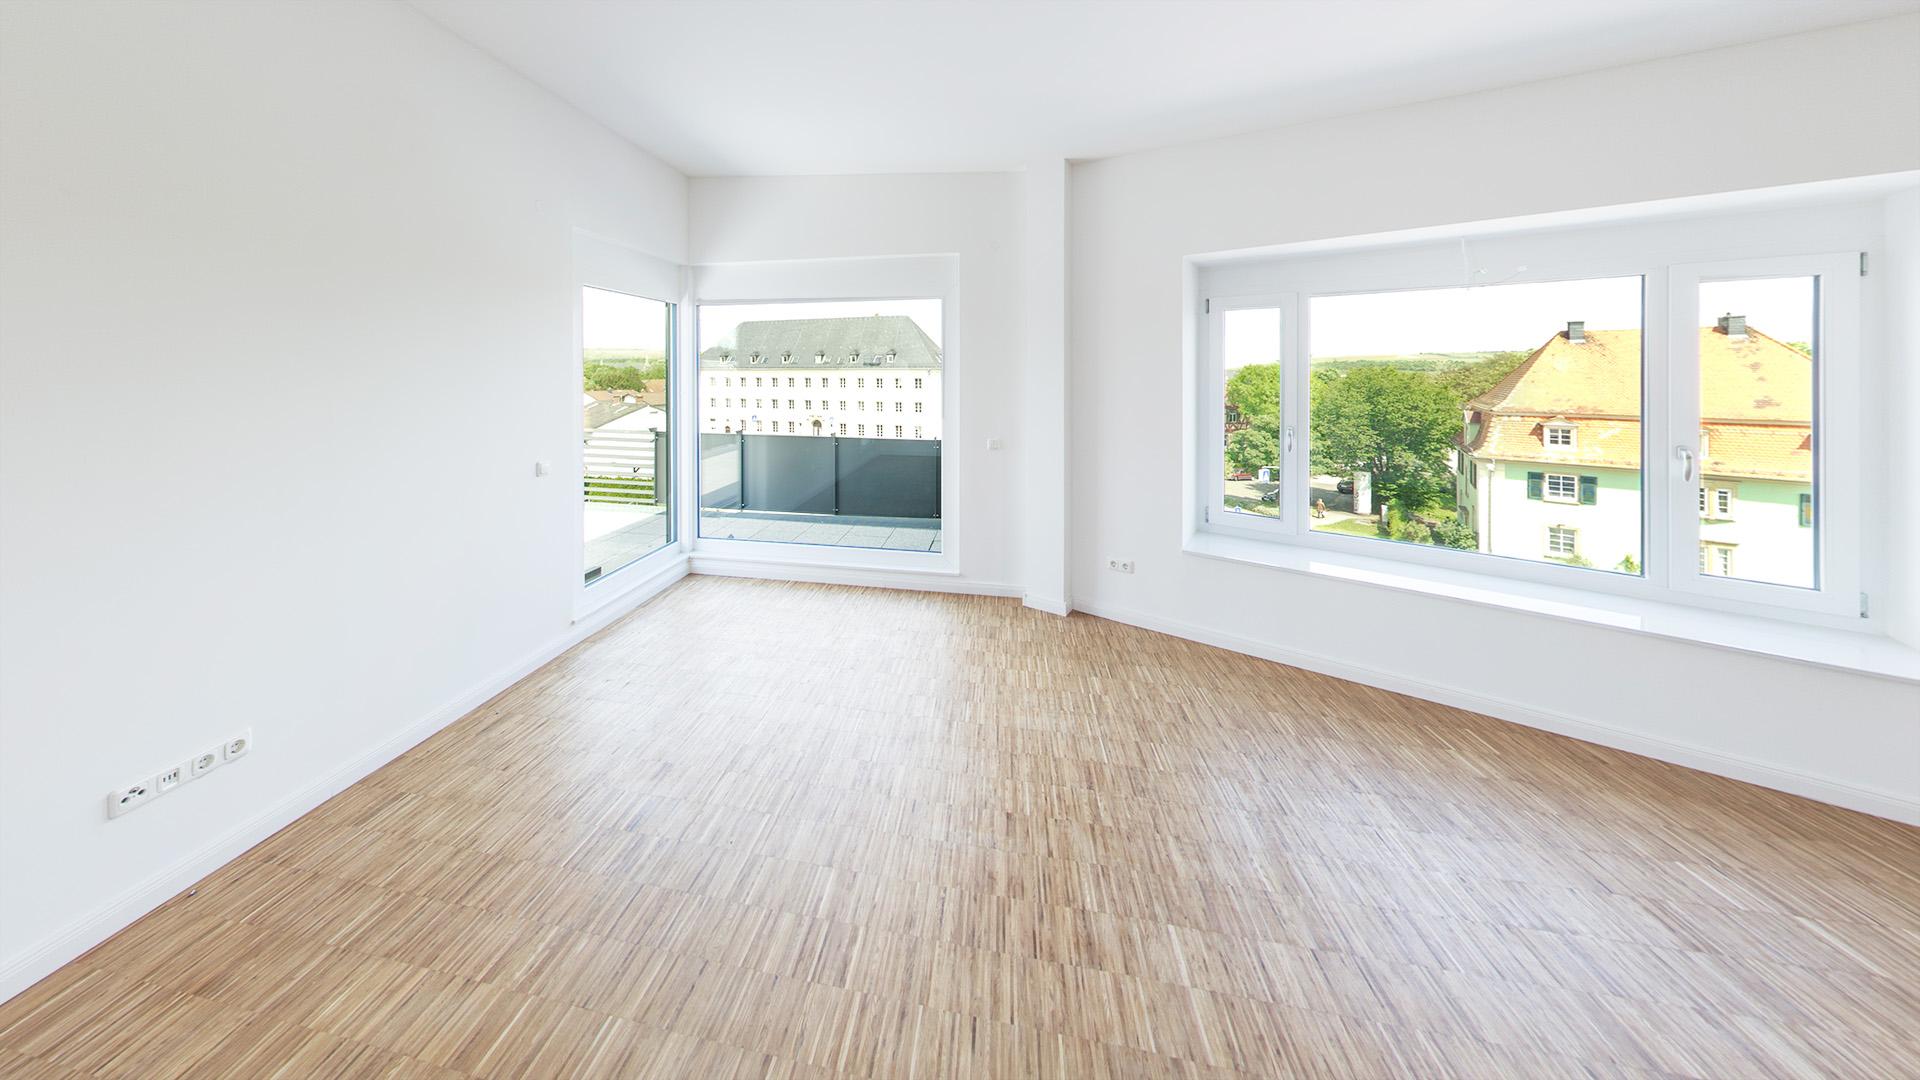 Wohnzimmer ohne Visualisierung